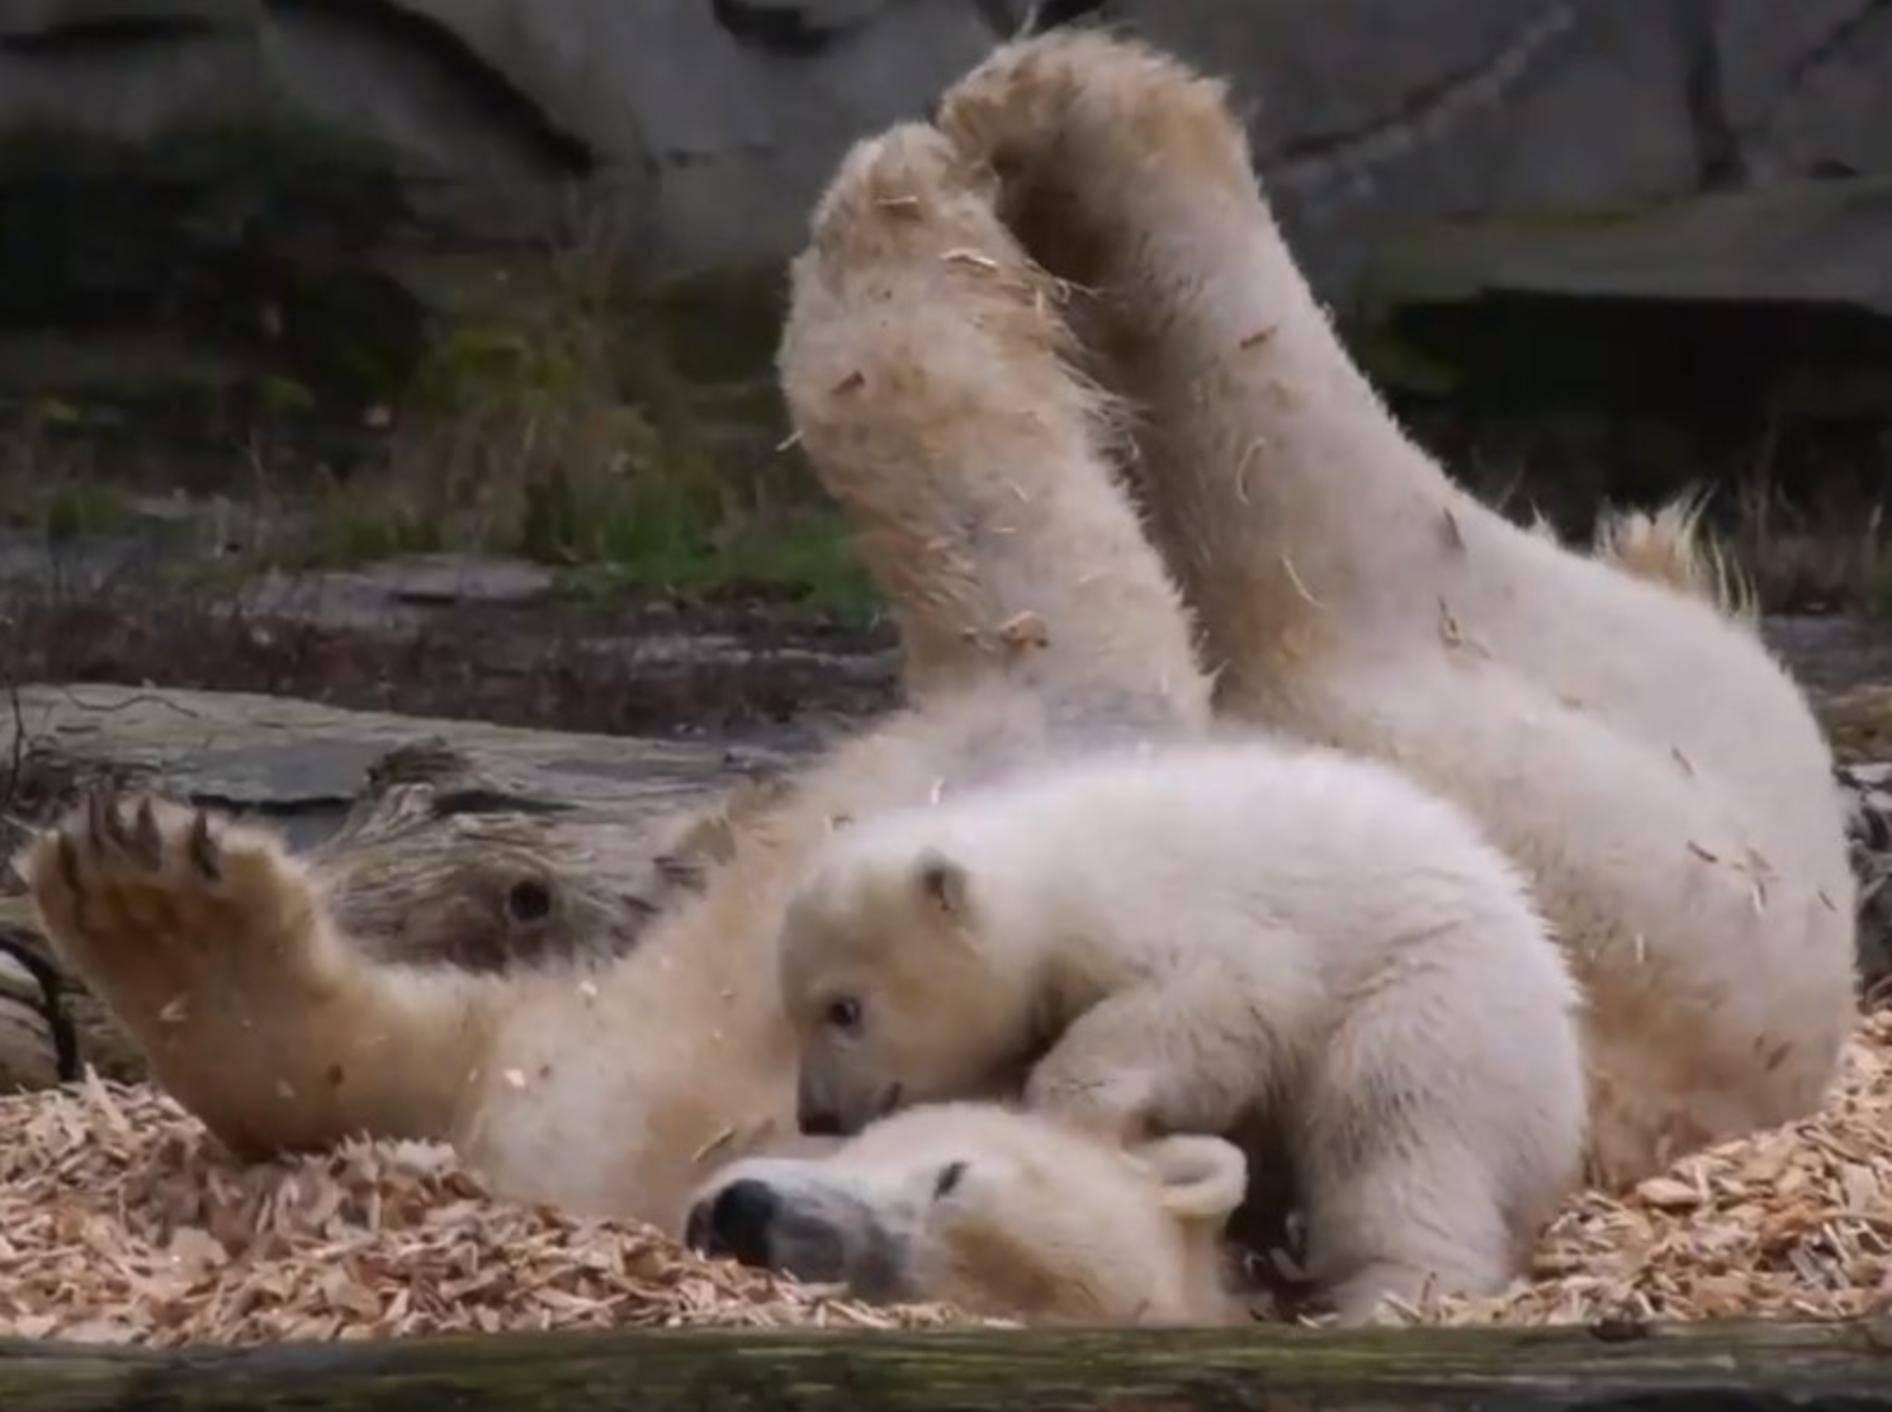 Eisbär-Baby Hertha wälzt sich mit Mama Tonja in Spänen - Bild: YouTube / Zoo und Tierpark Berlin